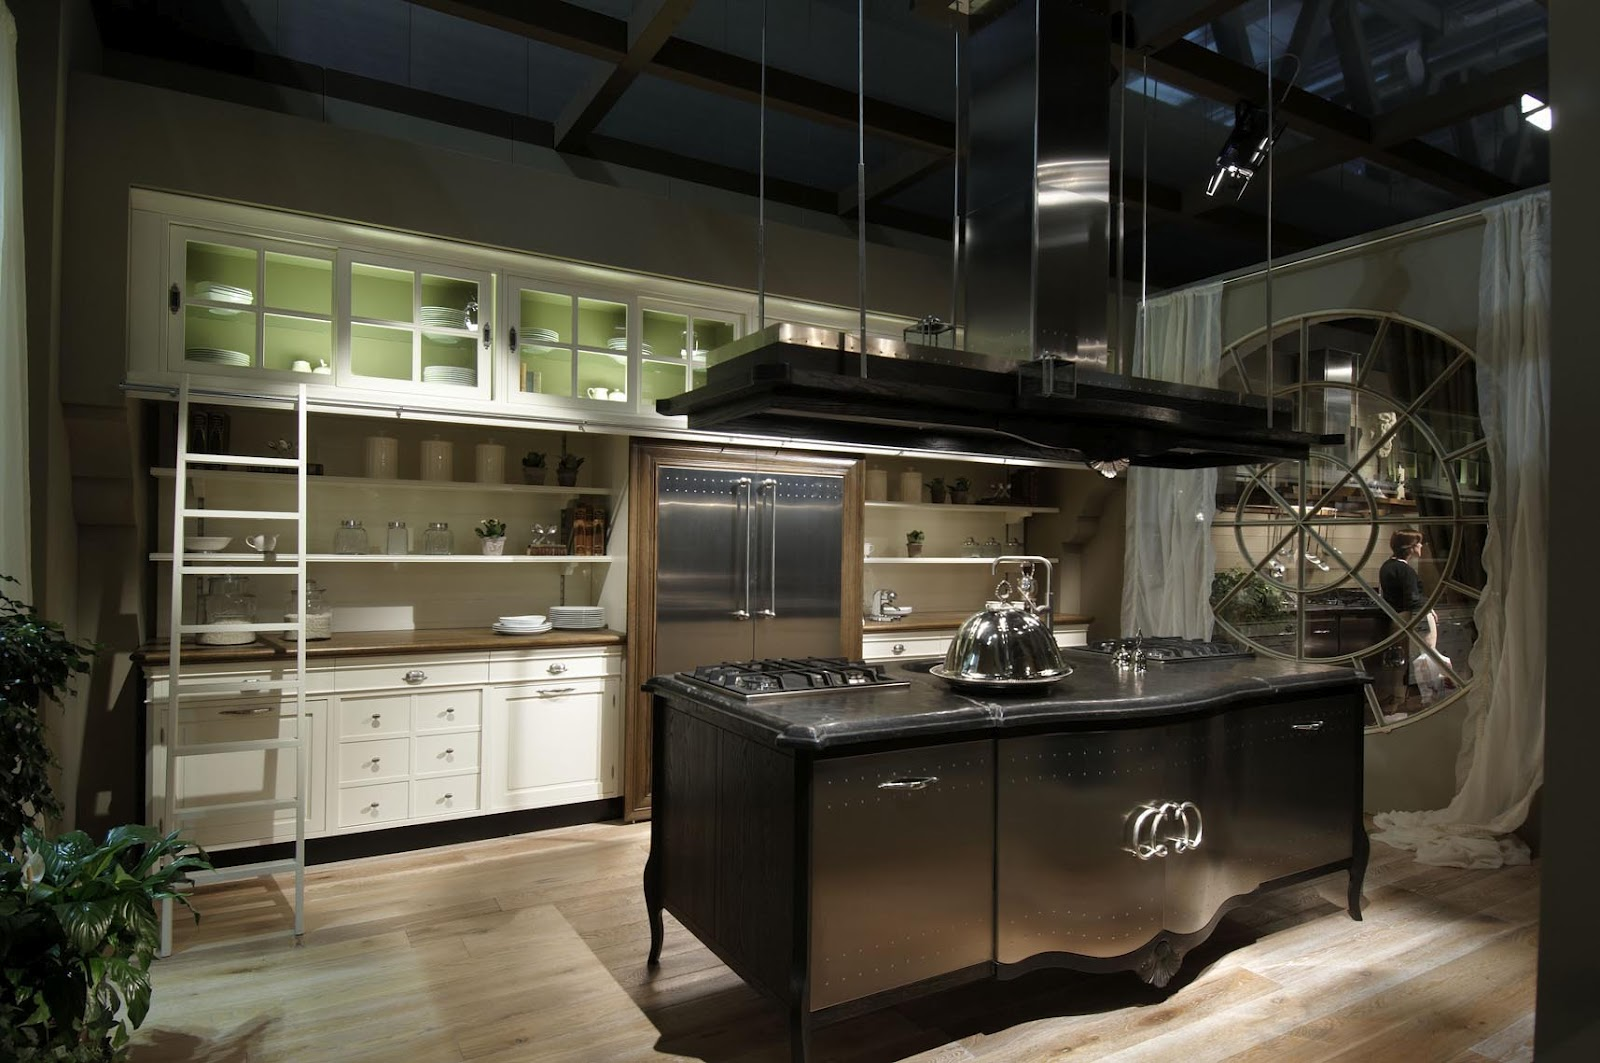 Pin marchi group cucine disegnate e costruite in italia on pinterest - Marchi group cucine ...